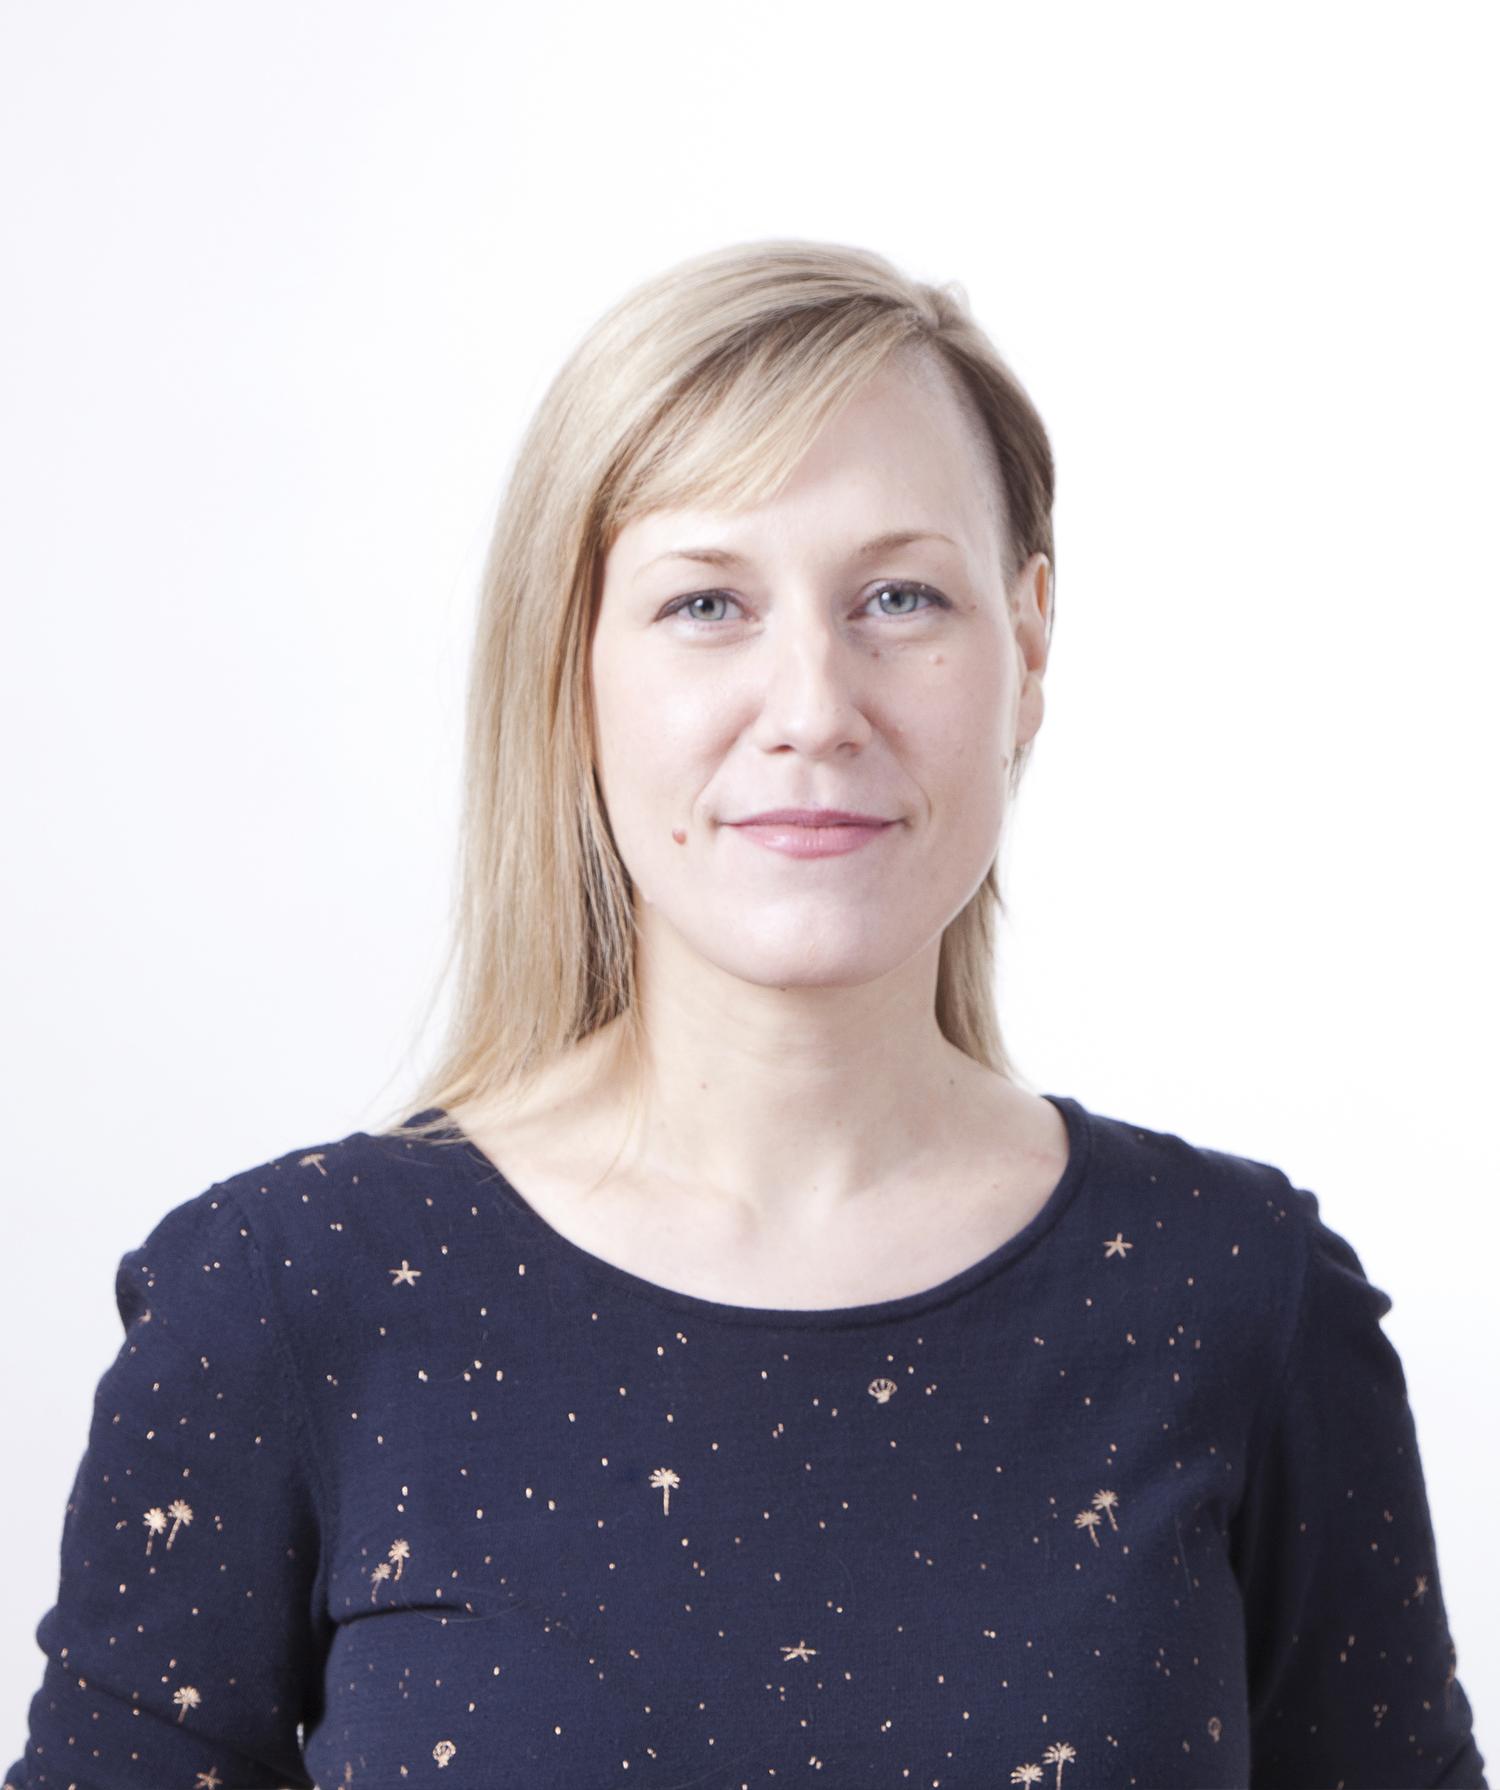 Alana Bartol Headshot